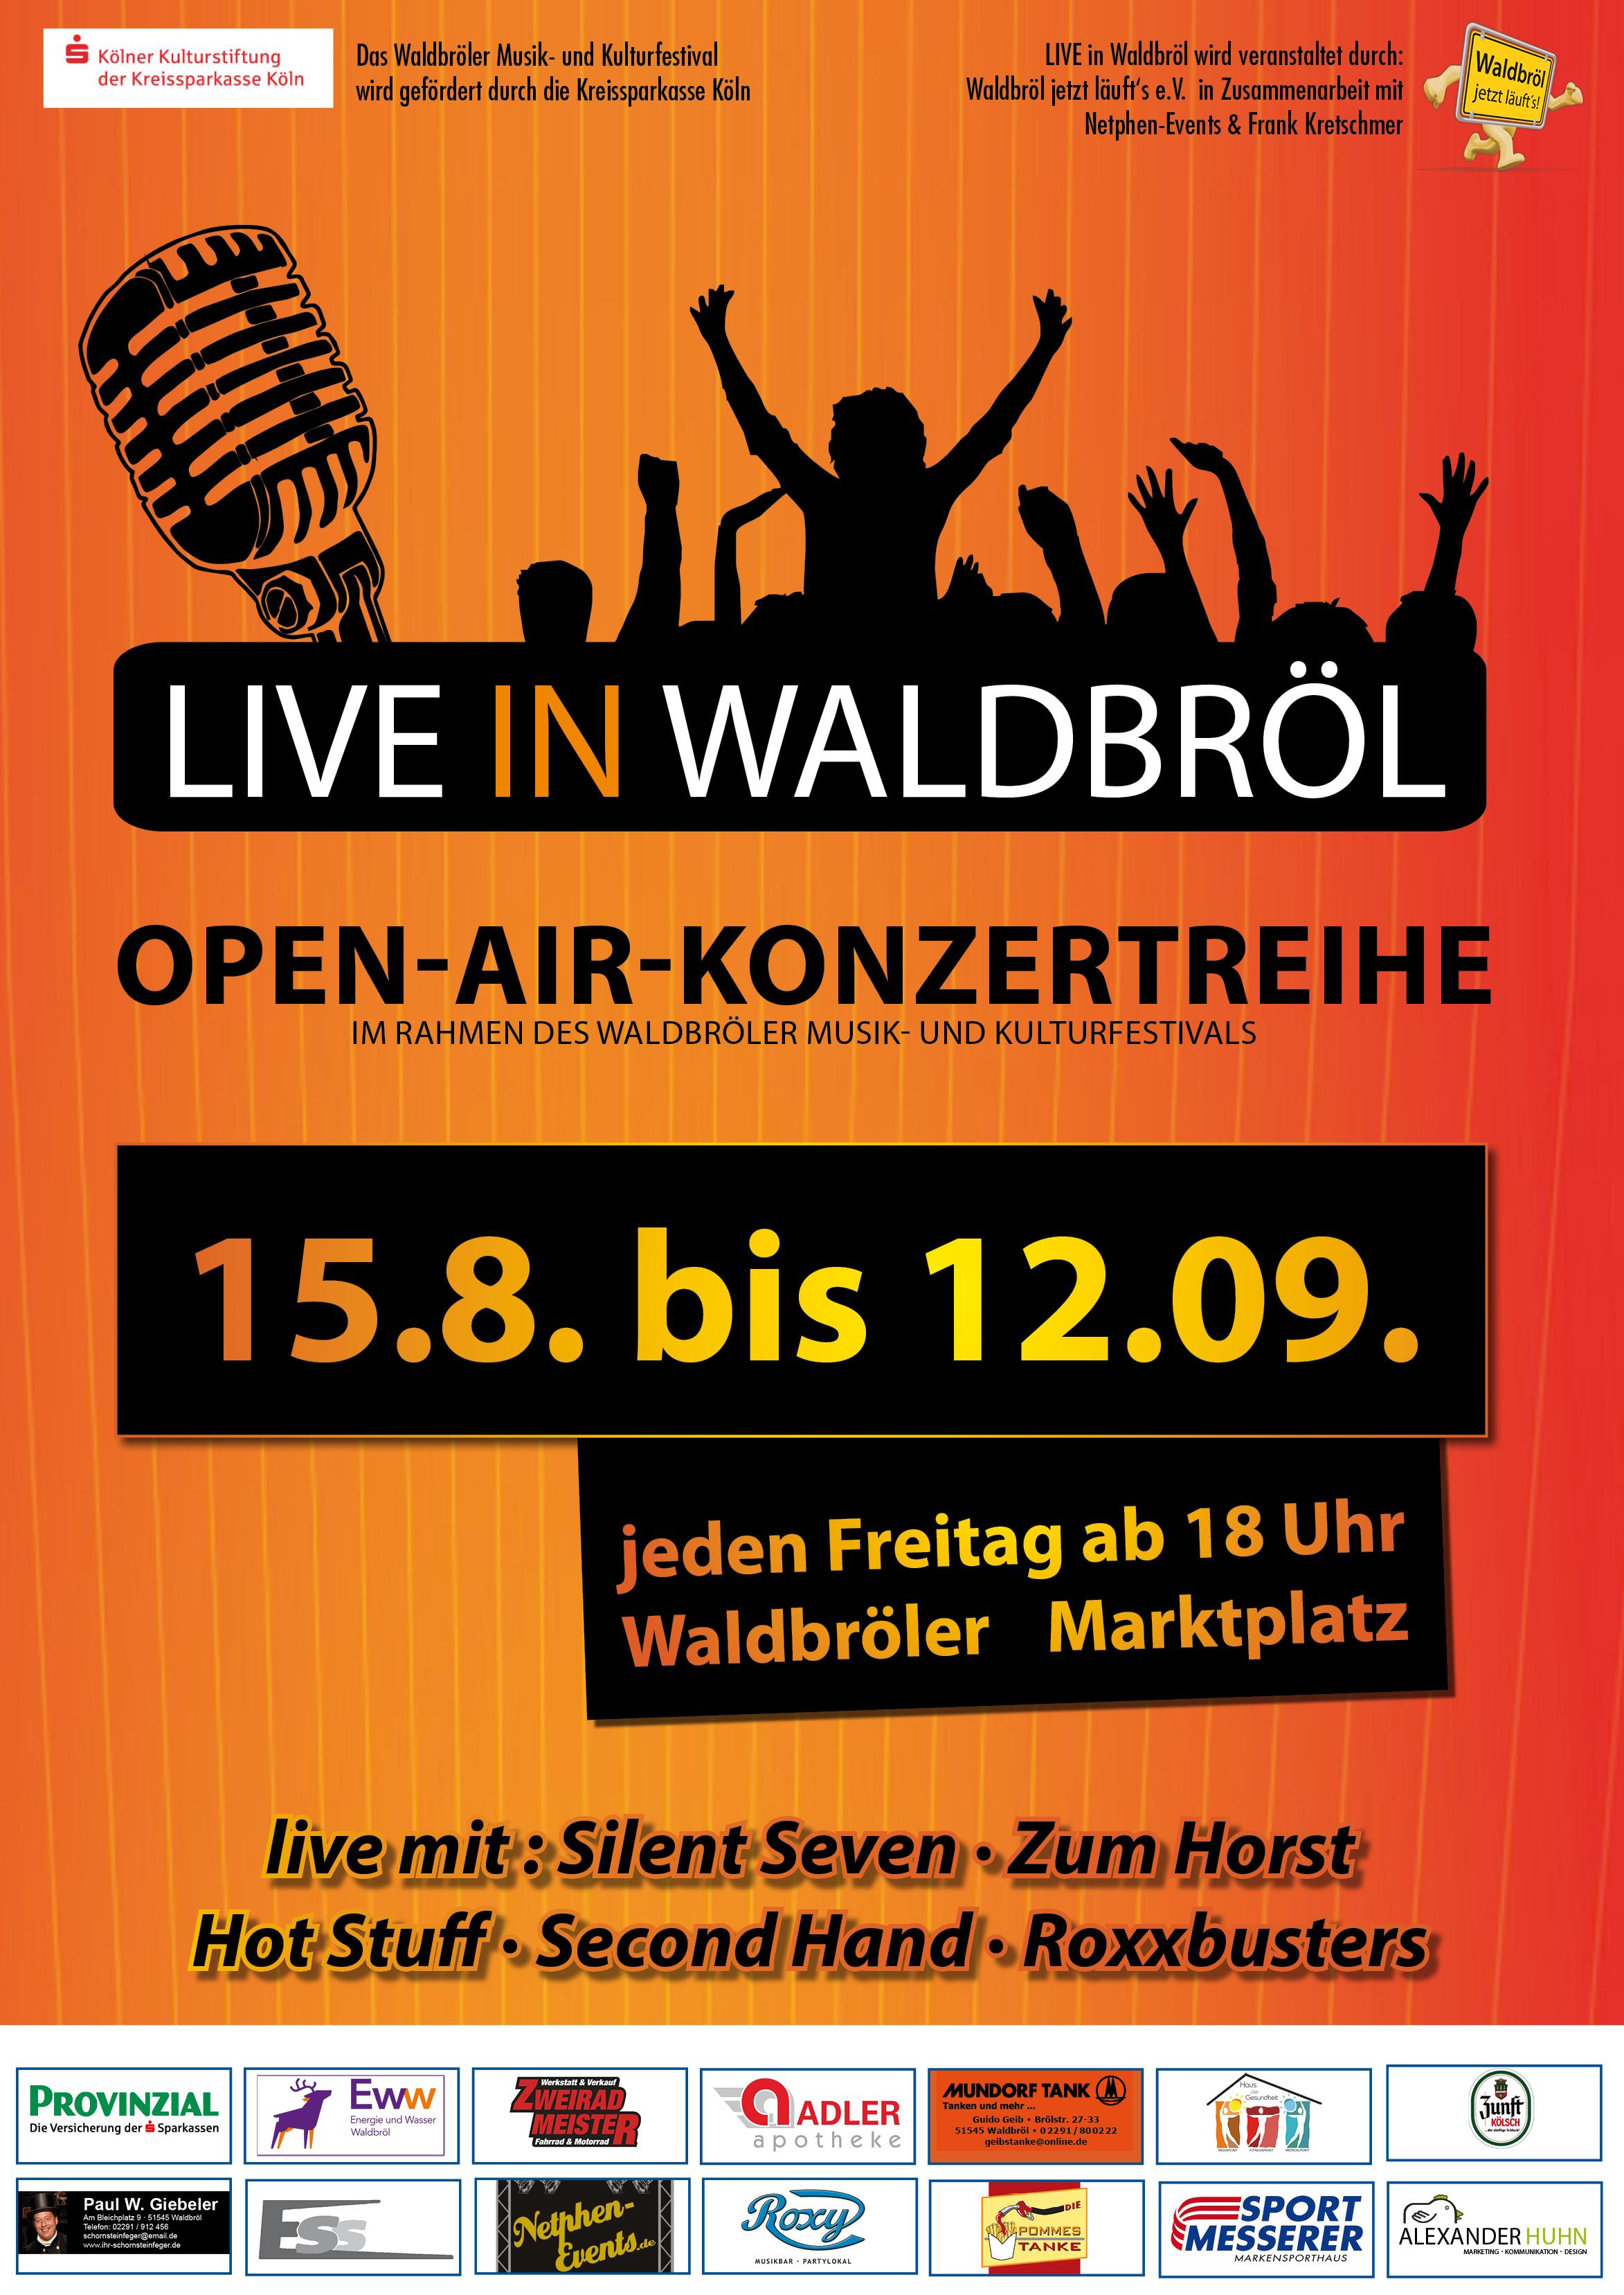 Plakat zu LIVE in Waldbröl mit allen Inhalten zum Konzert